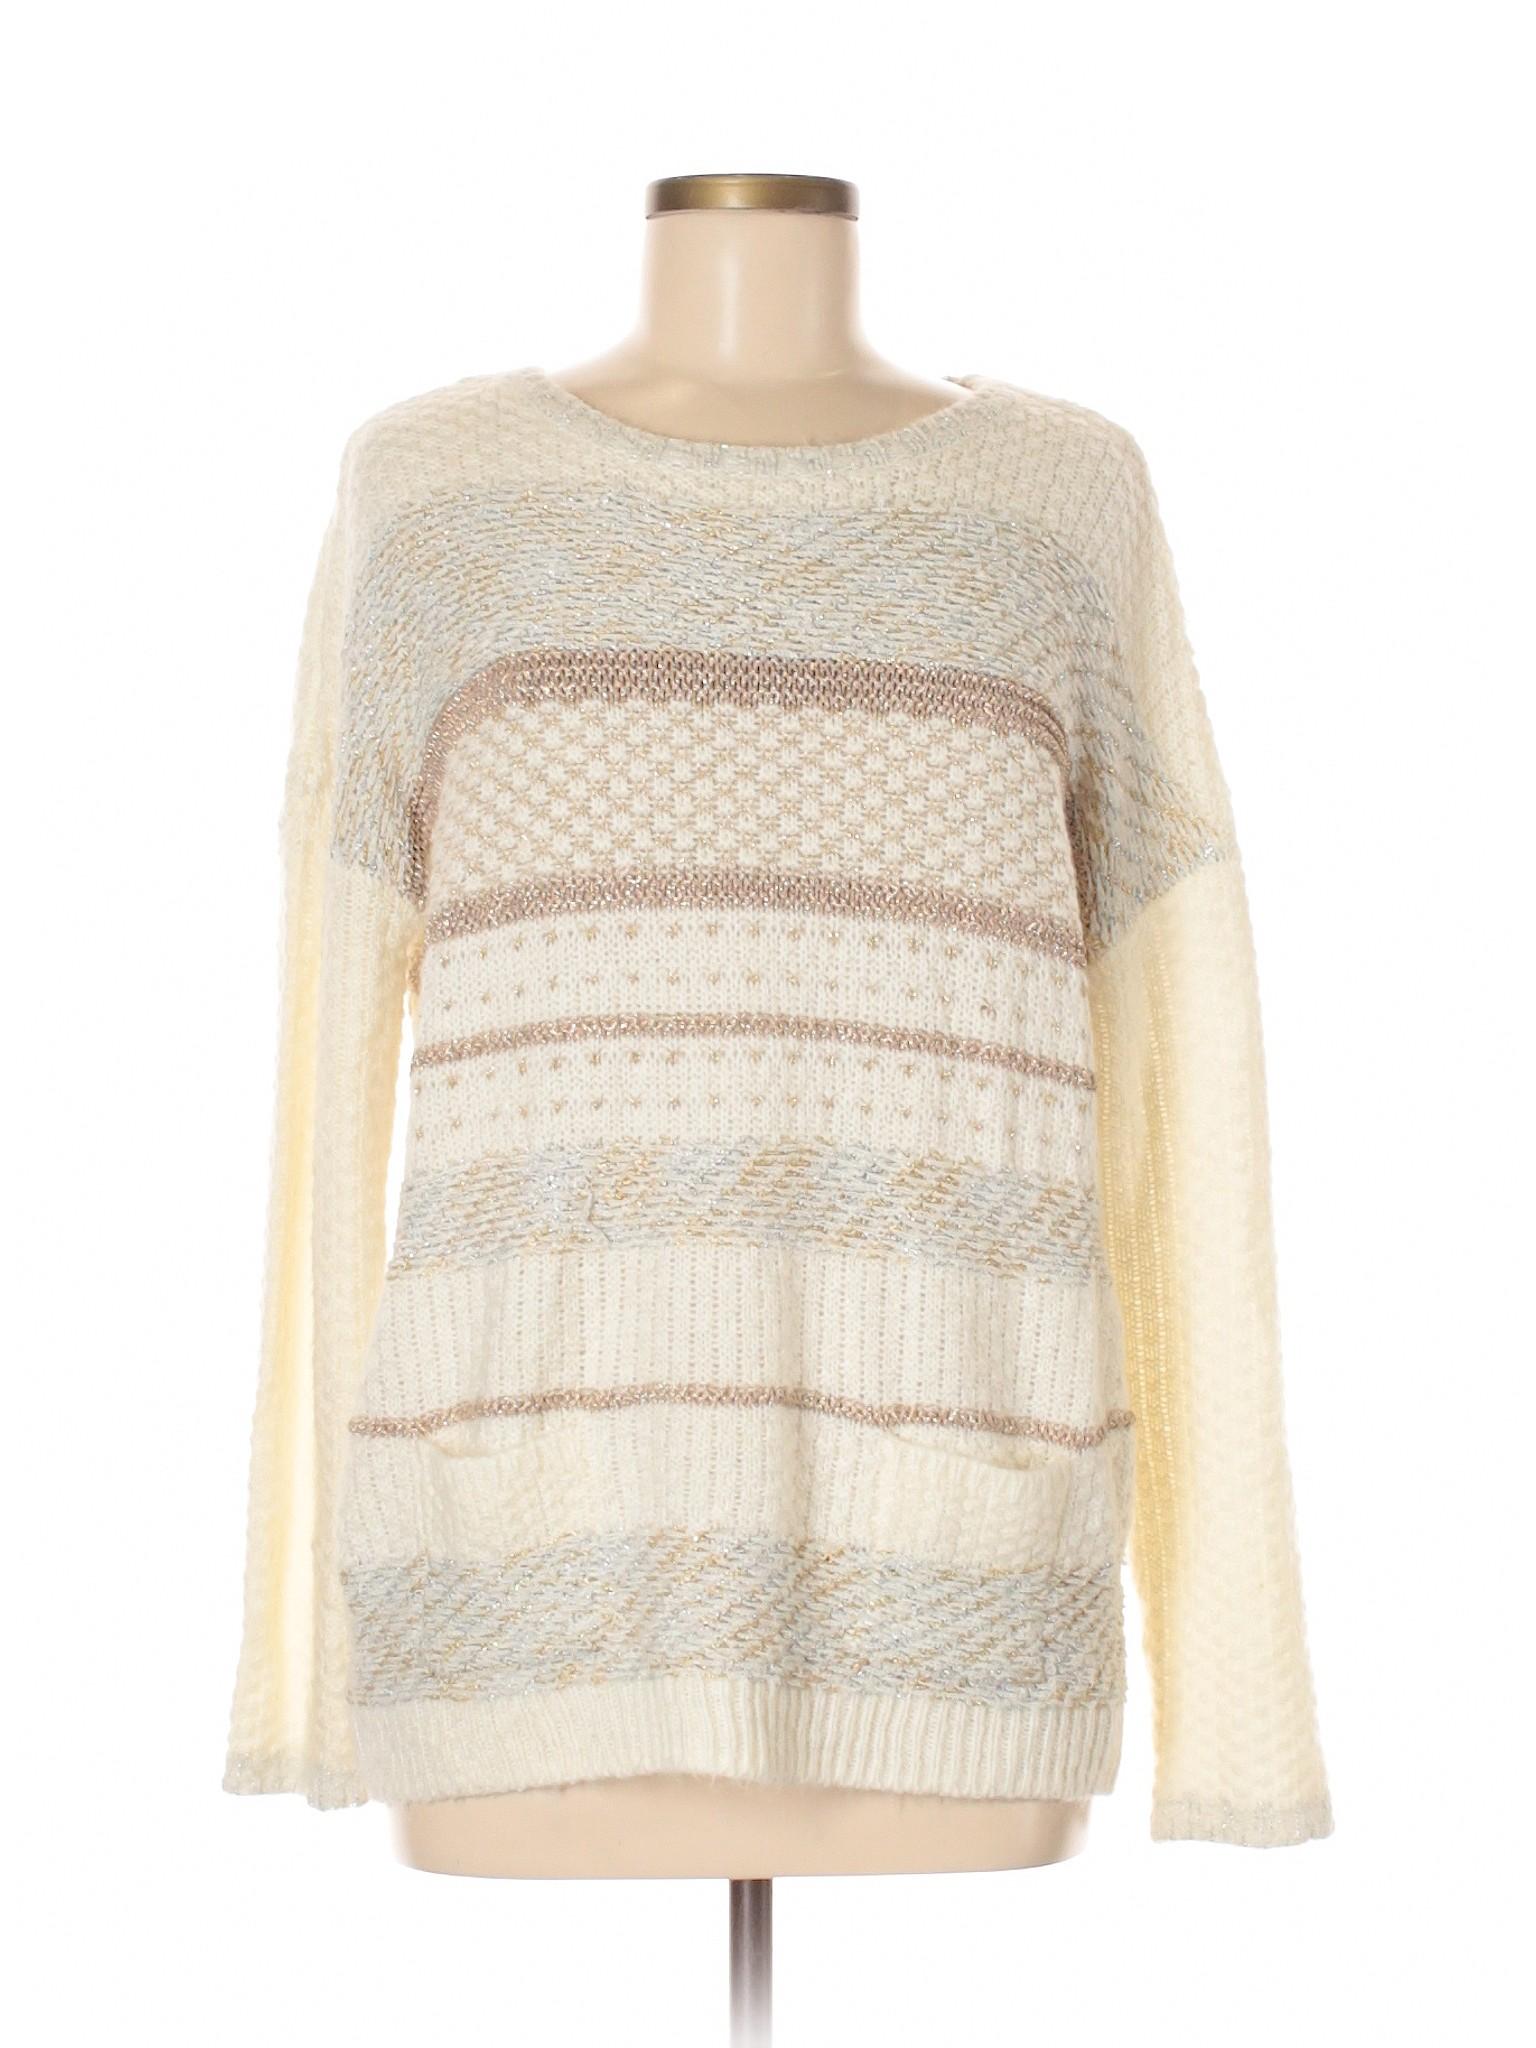 Sweater Fee La Boutique winter Verte Pullover OAXHEqw